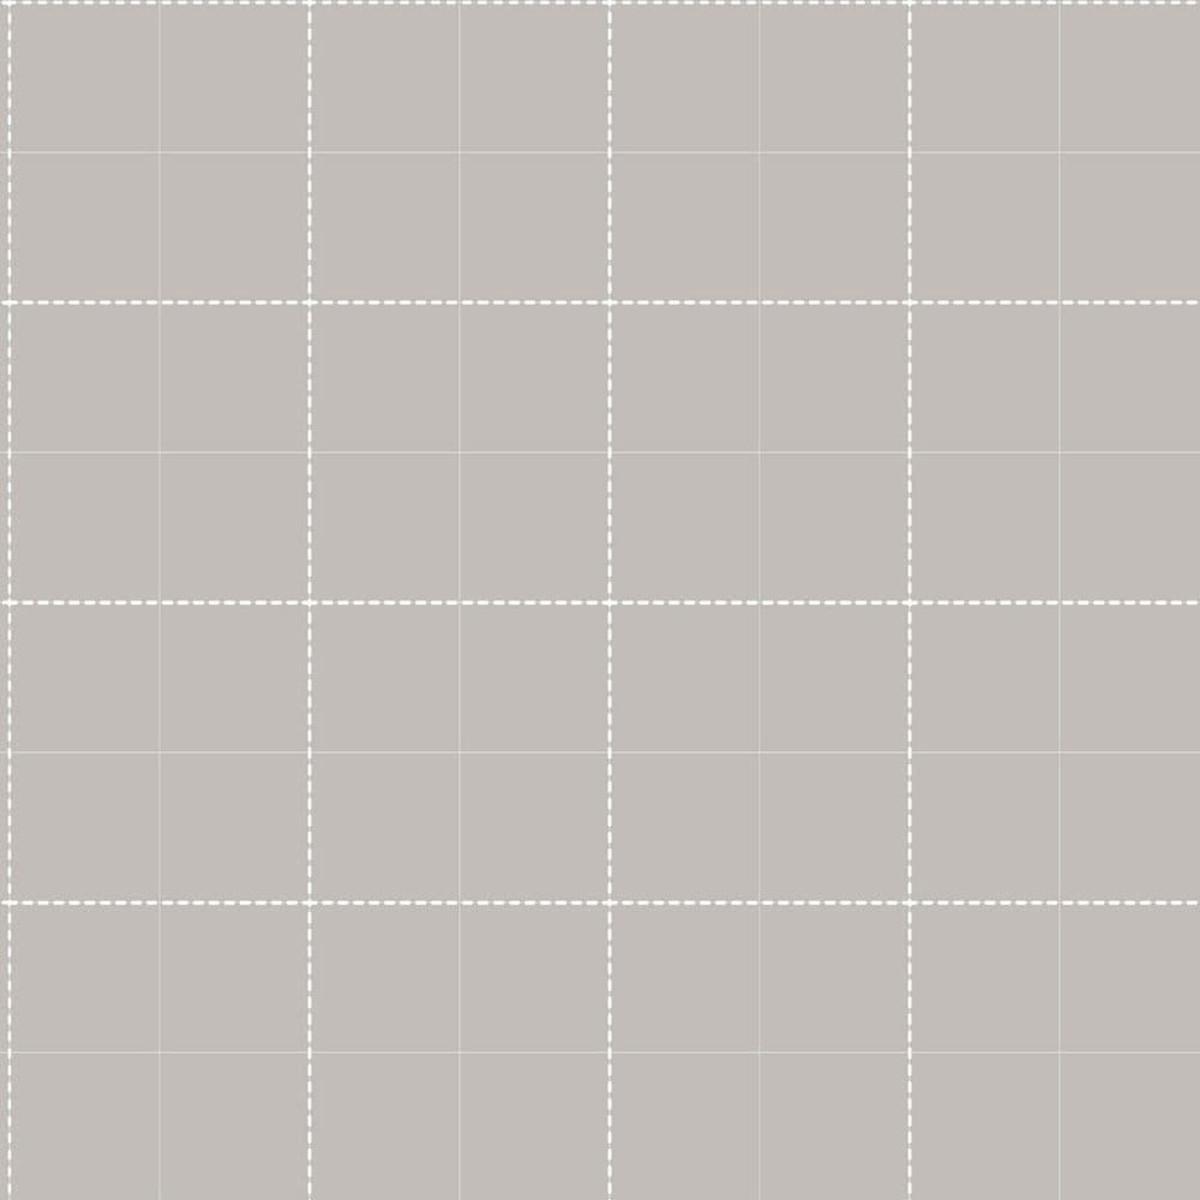 Обои флизелиновые Parato Favola серые 0.53 м 3226